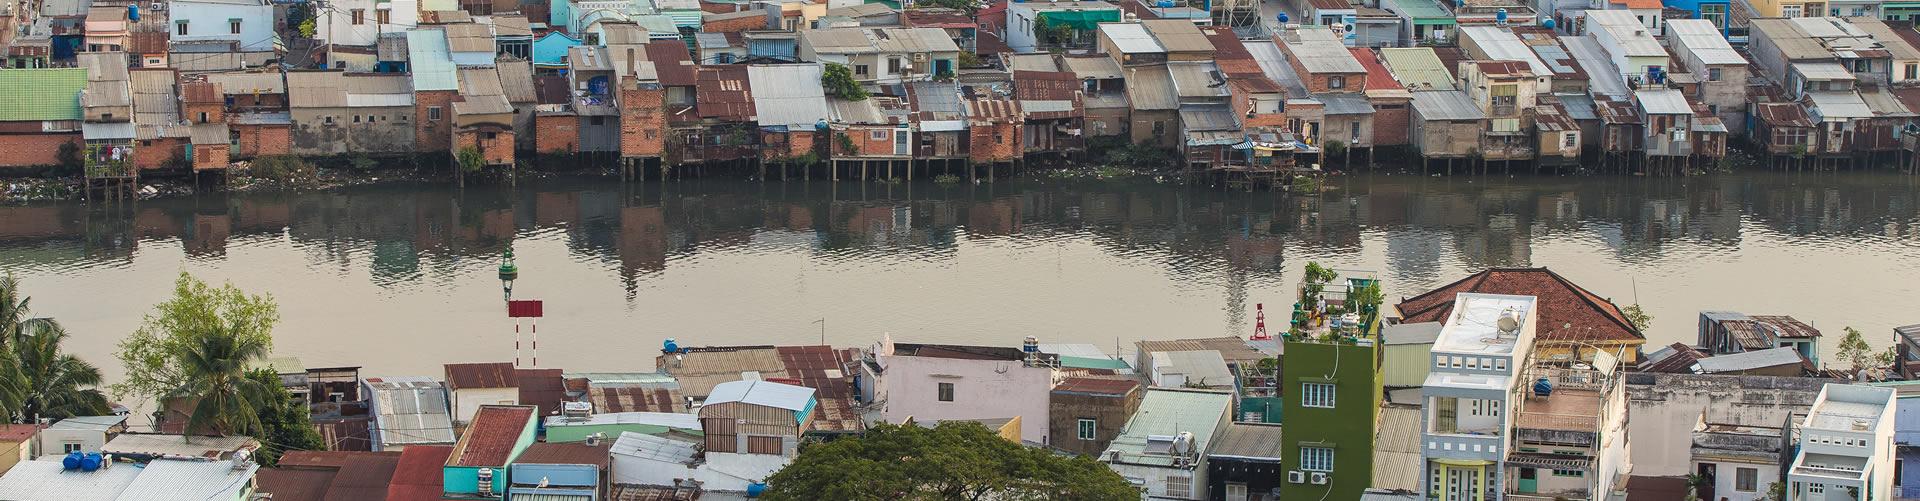 Ho Chi Minh City riverside in Vietnam © Vietnam Art / Shutterstock